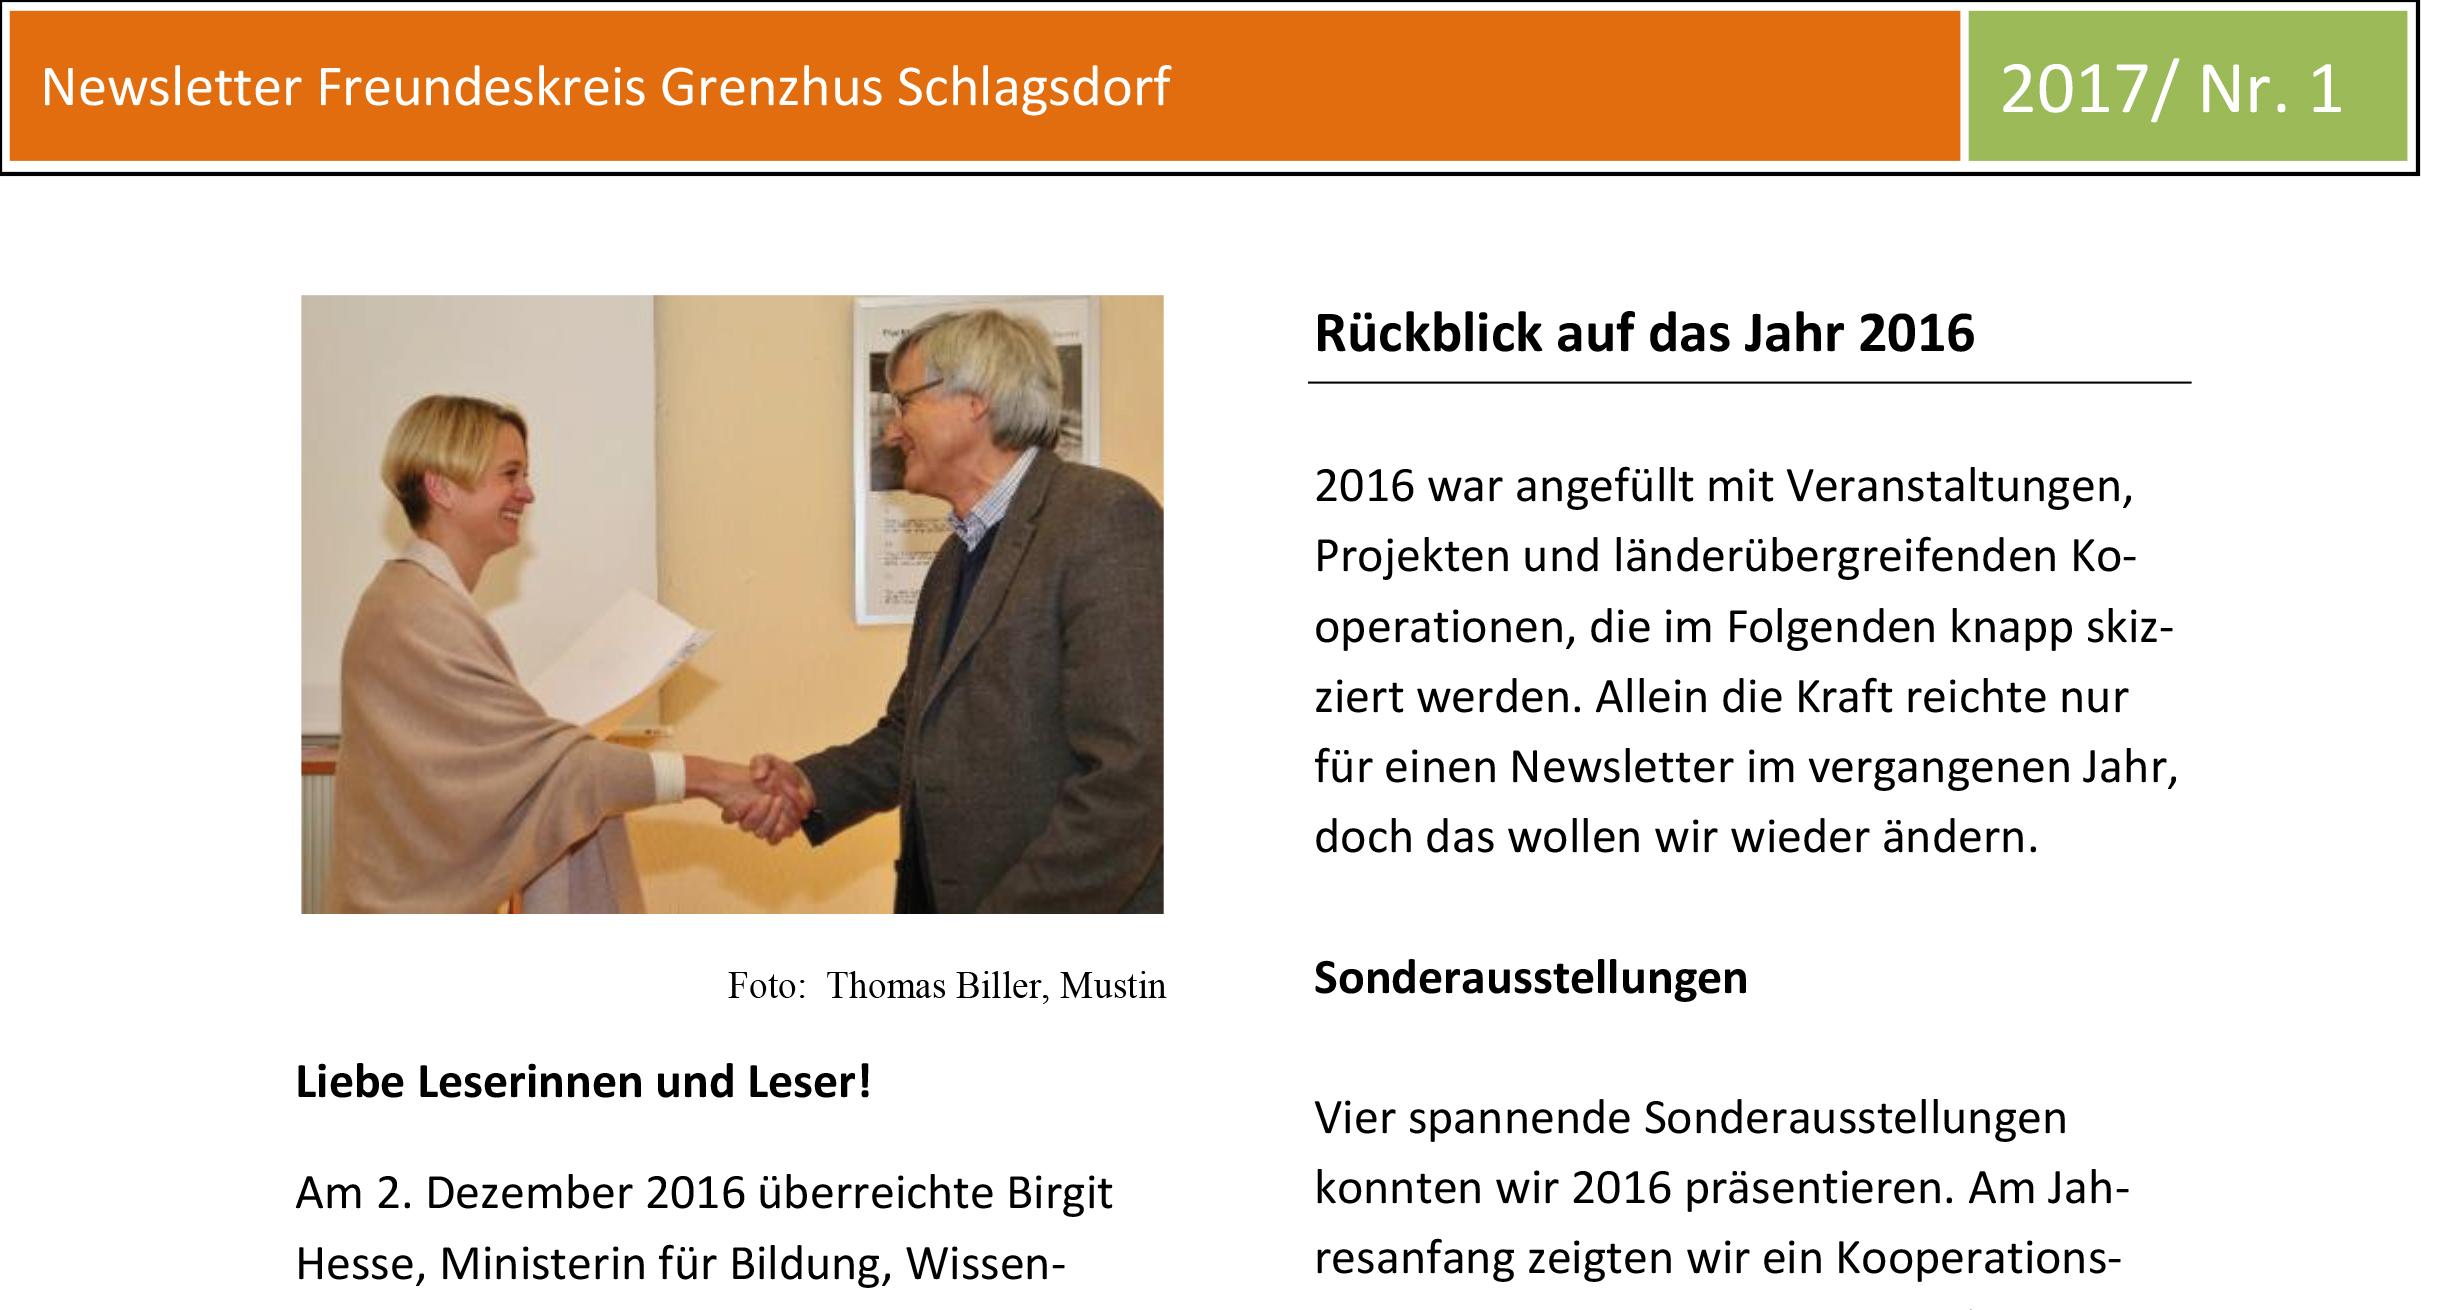 Der Grenzhus-Newsletter 1/2019